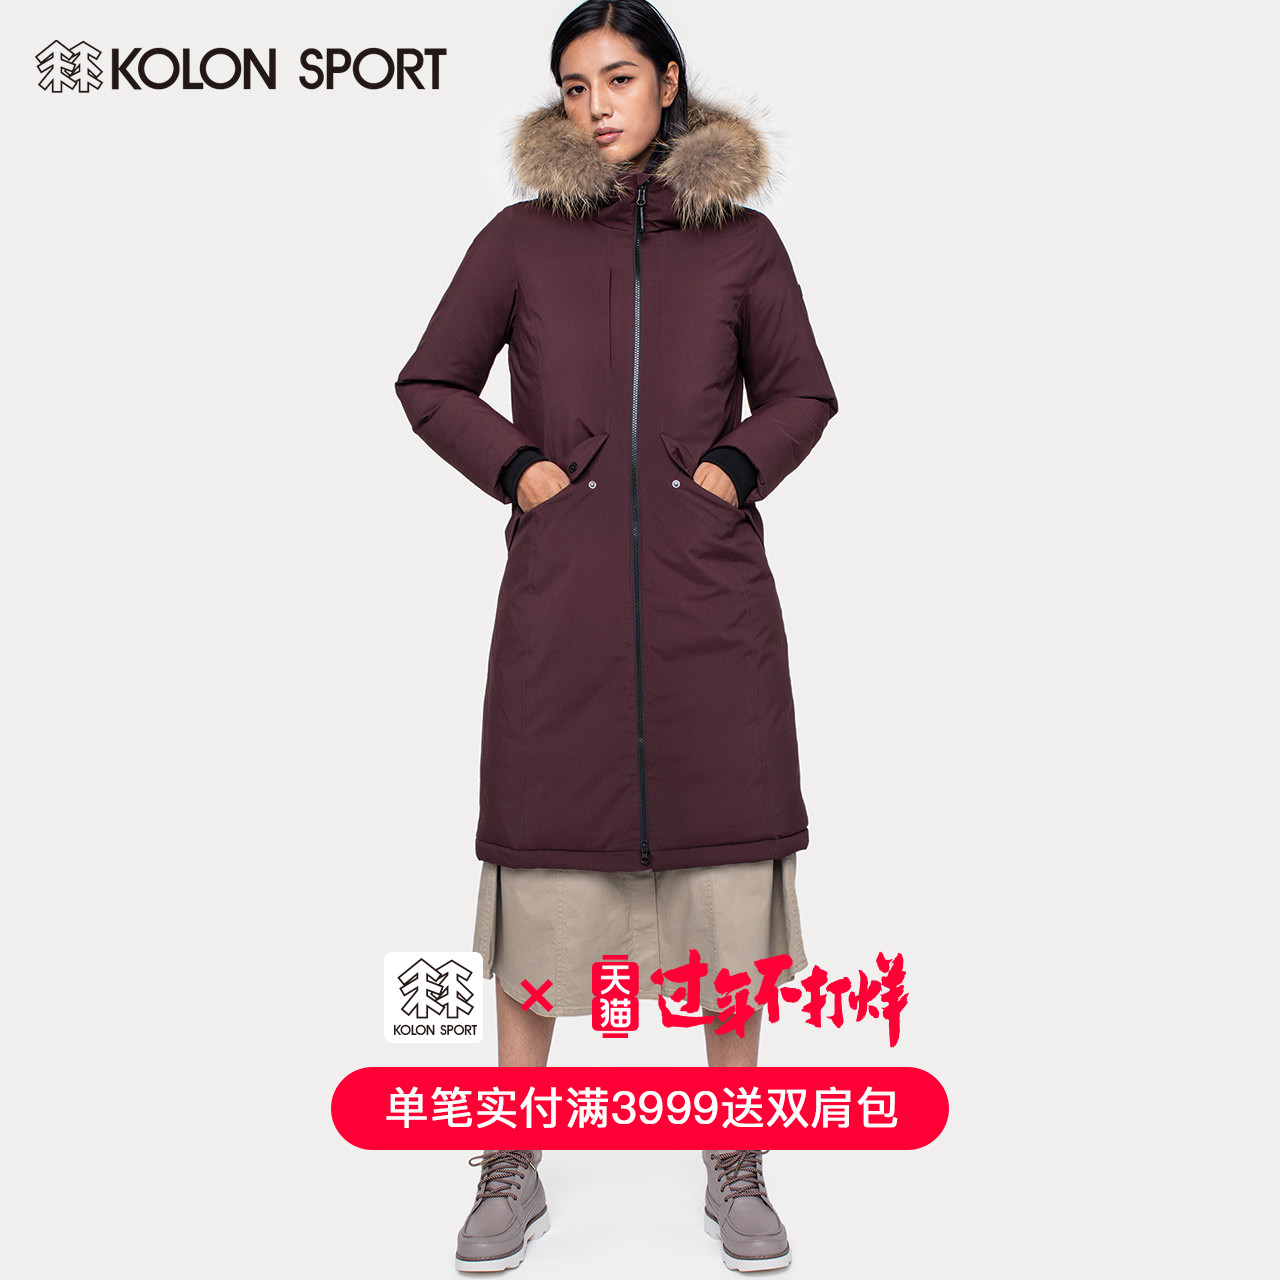 KOLONSPORT可隆羽绒服女子秋冬中长款貉子毛领鹅绒羽绒服加厚外套